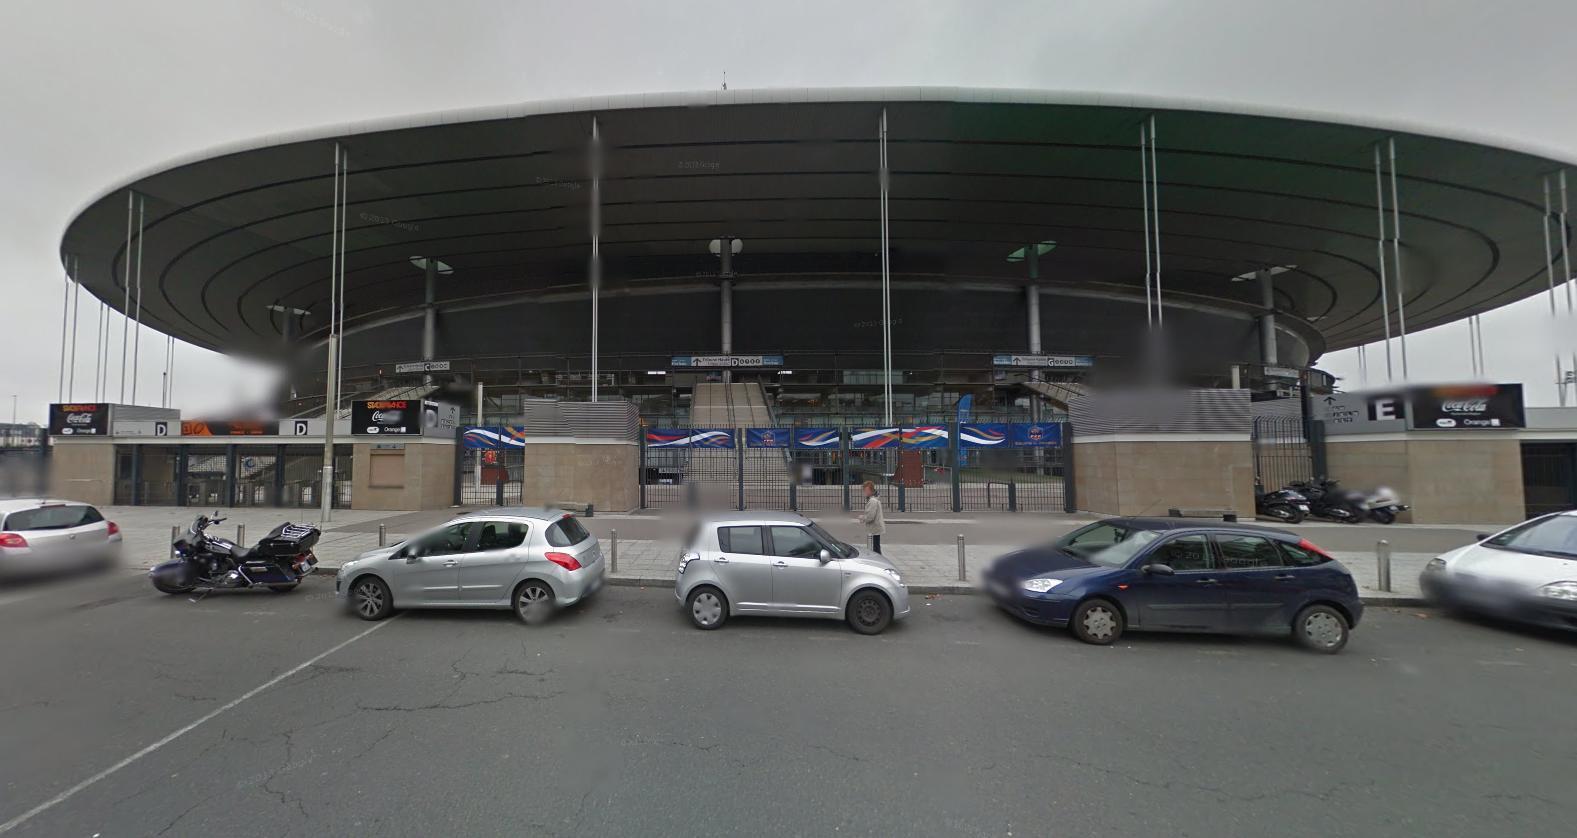 Finale de la Coupe de France de football ce samedi : circulation difficile à prévoir autour du Stade de France